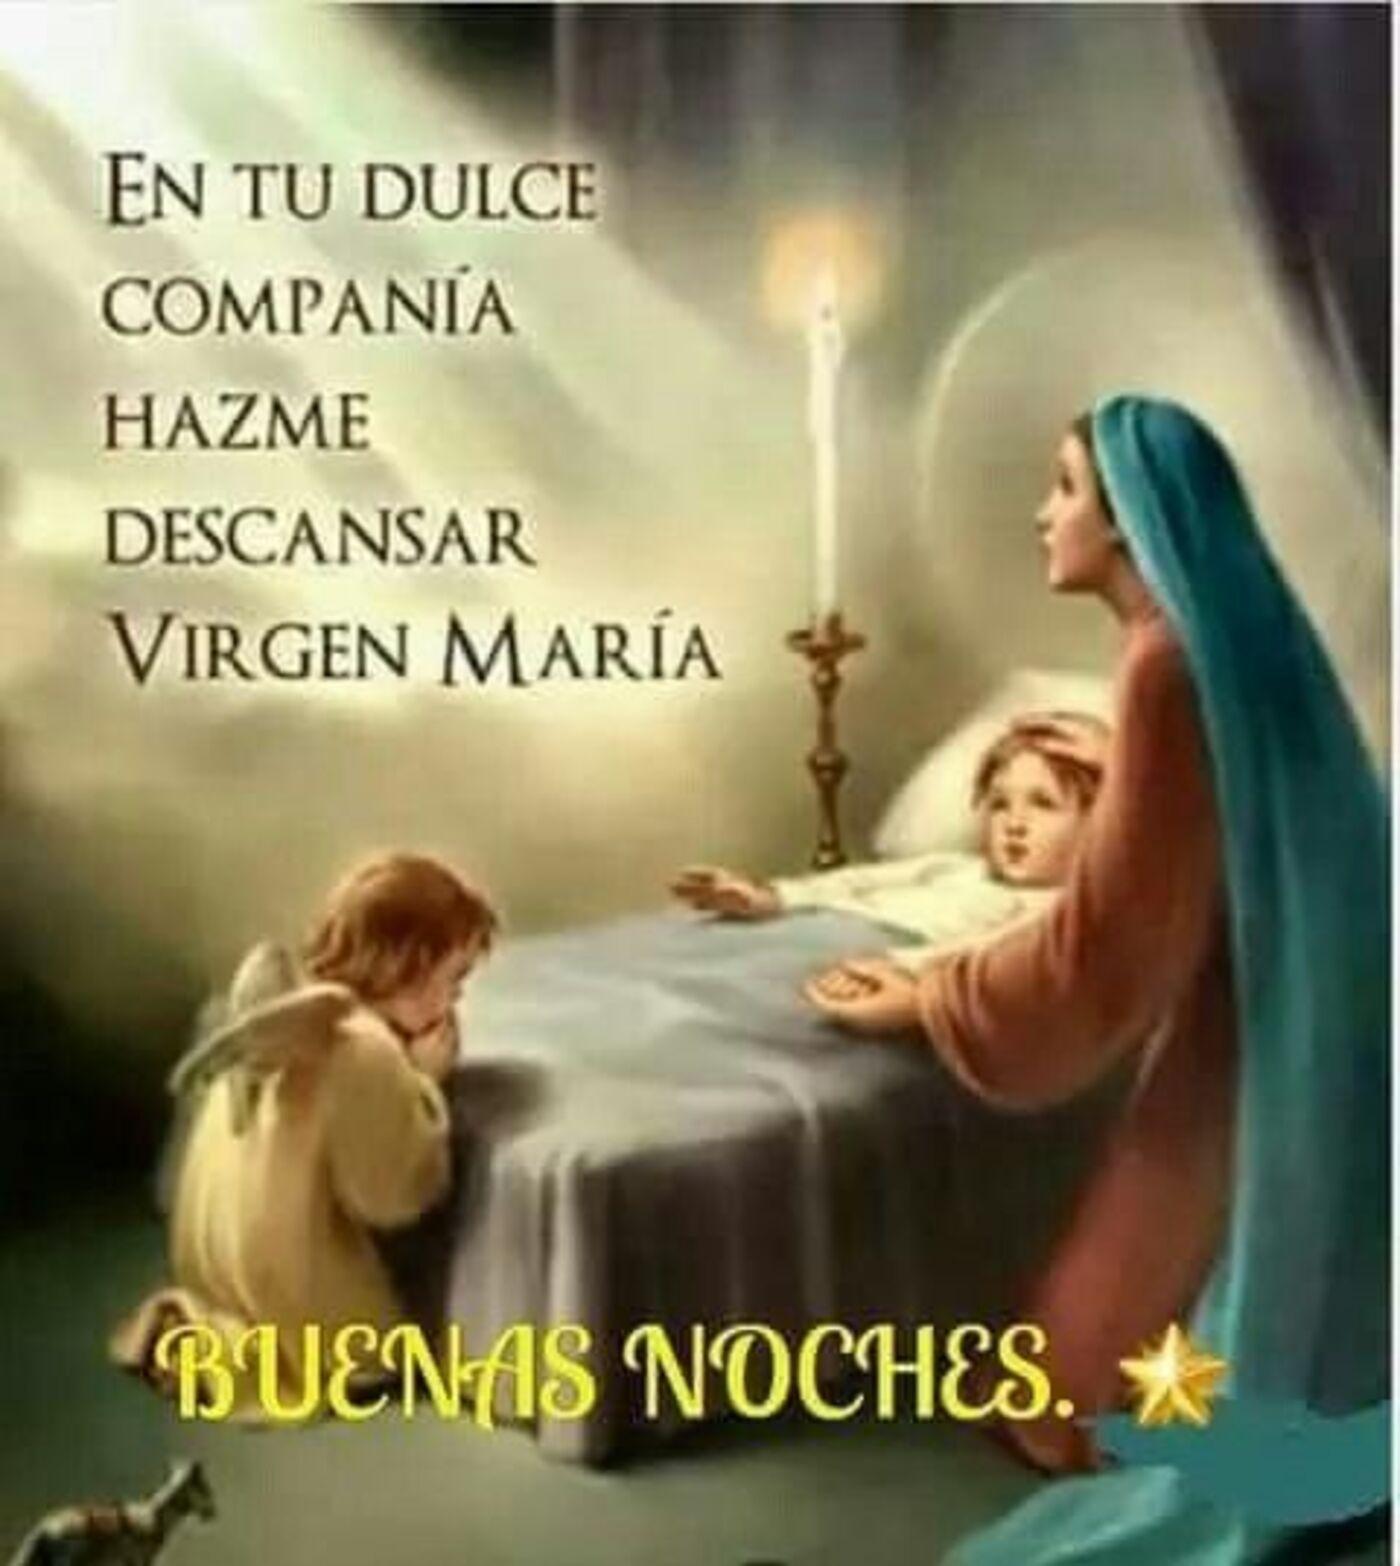 En tu dulce compañía, hazme descansar Virgen Maria BUENAS NOCHES